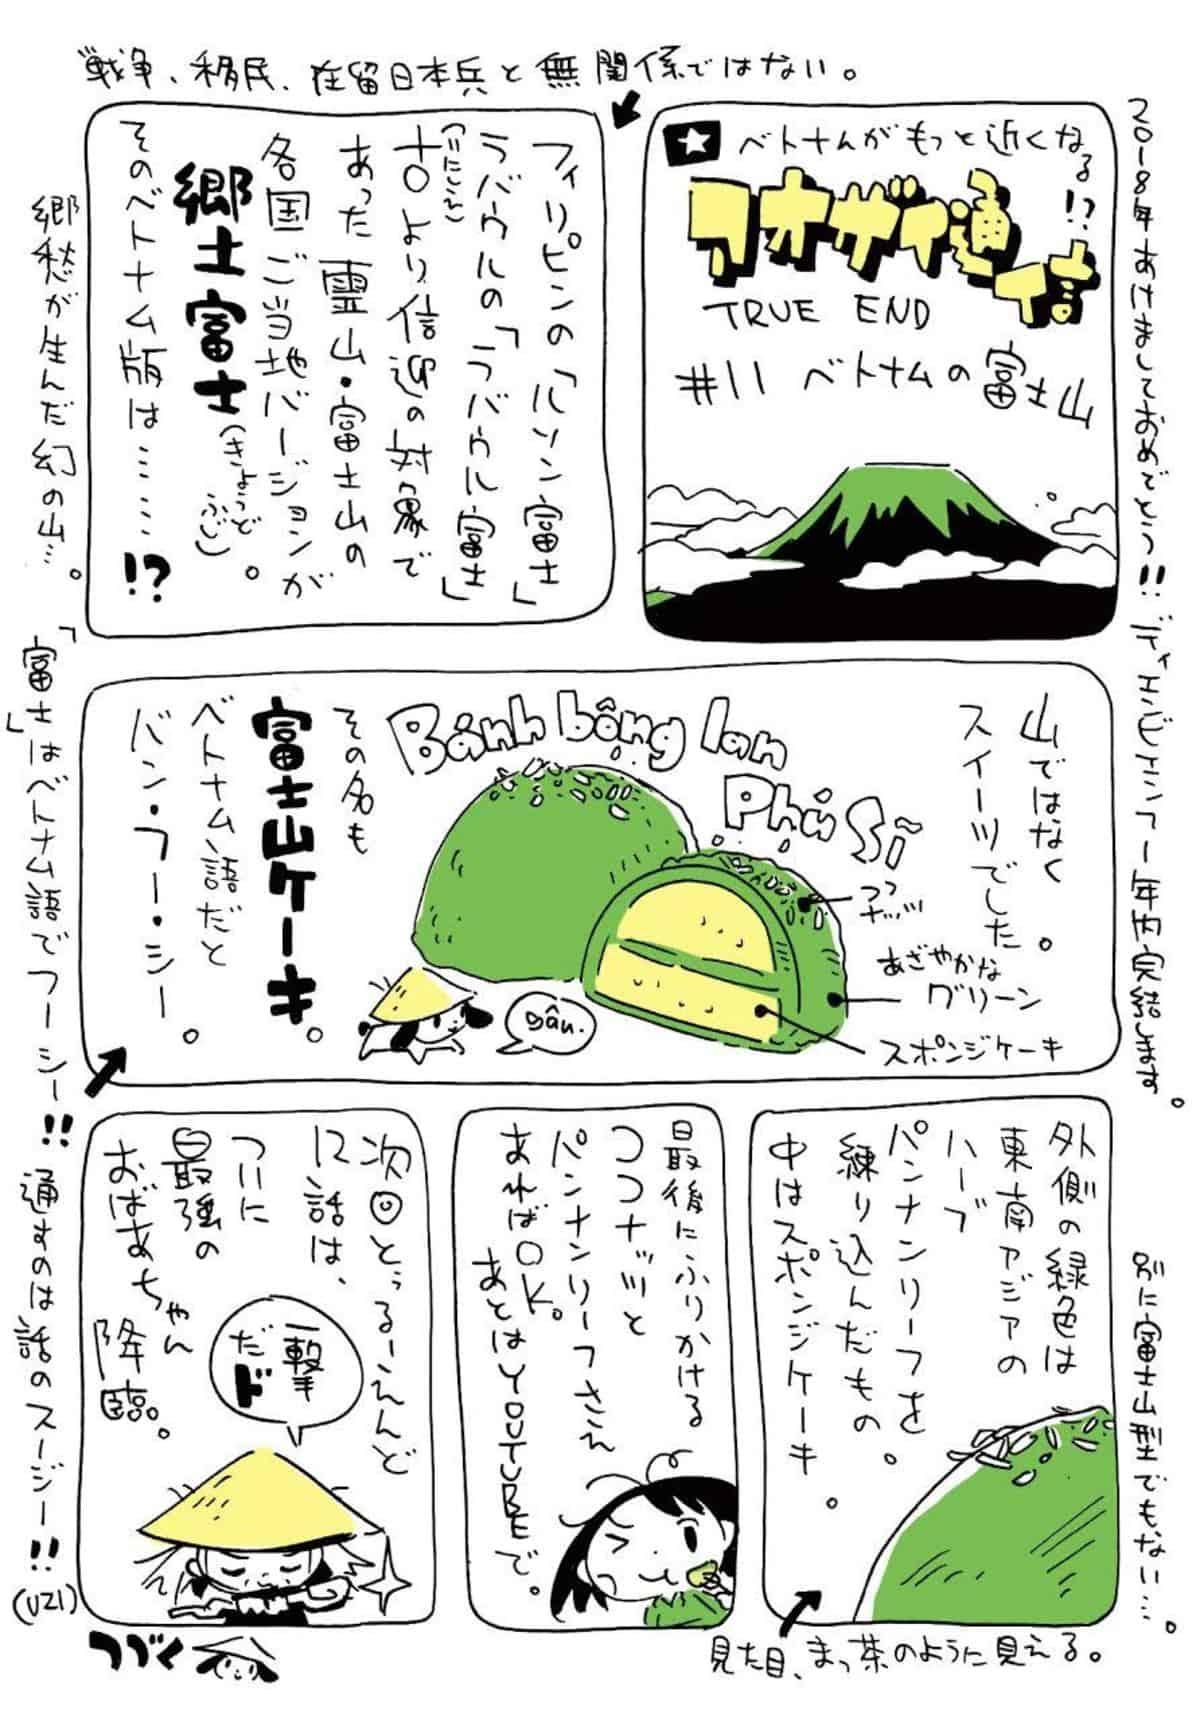 アオザイ通信 TRUE END #11ベトナムの富士山